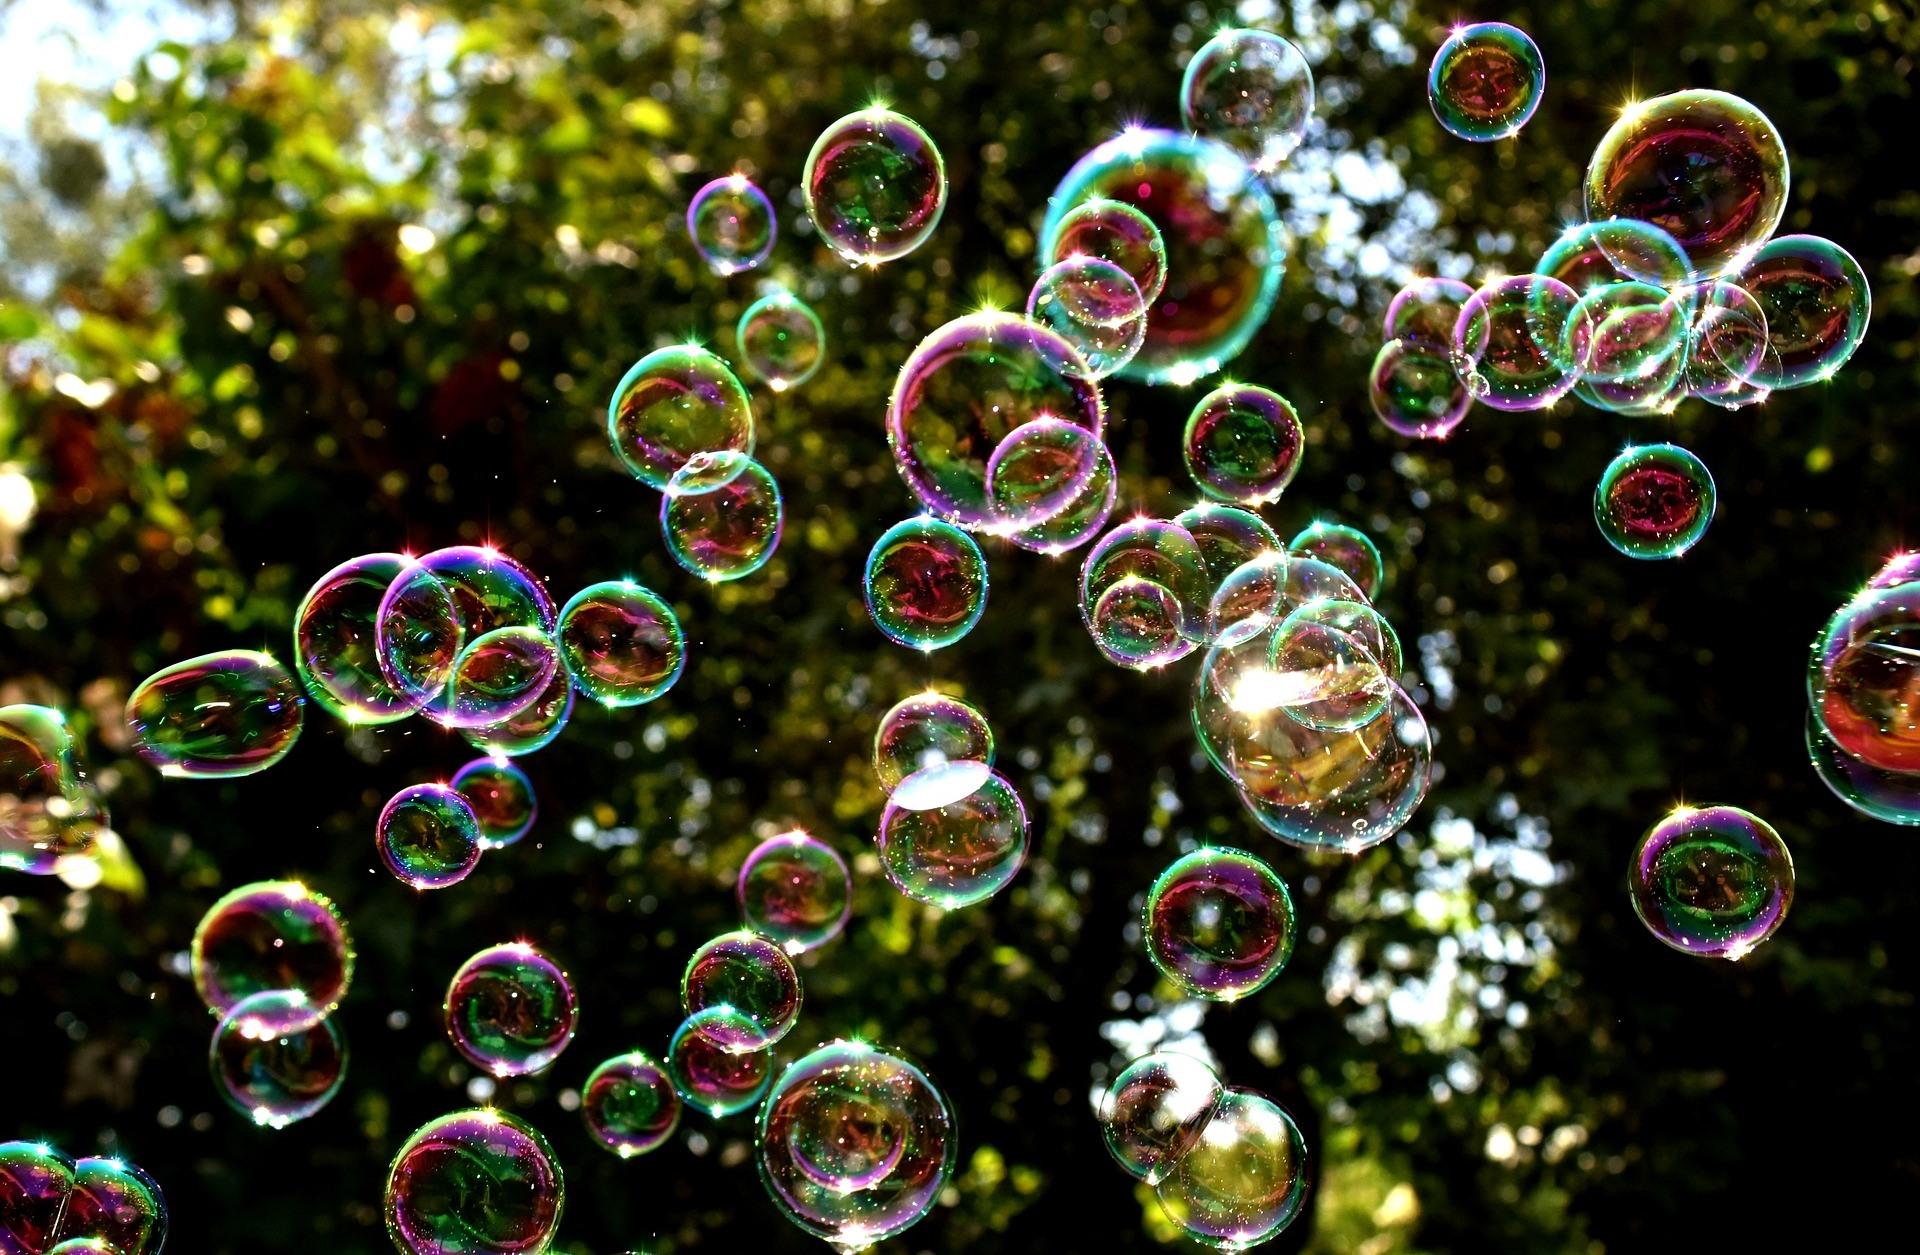 Seifenblasen Tanz Luft Bewegung